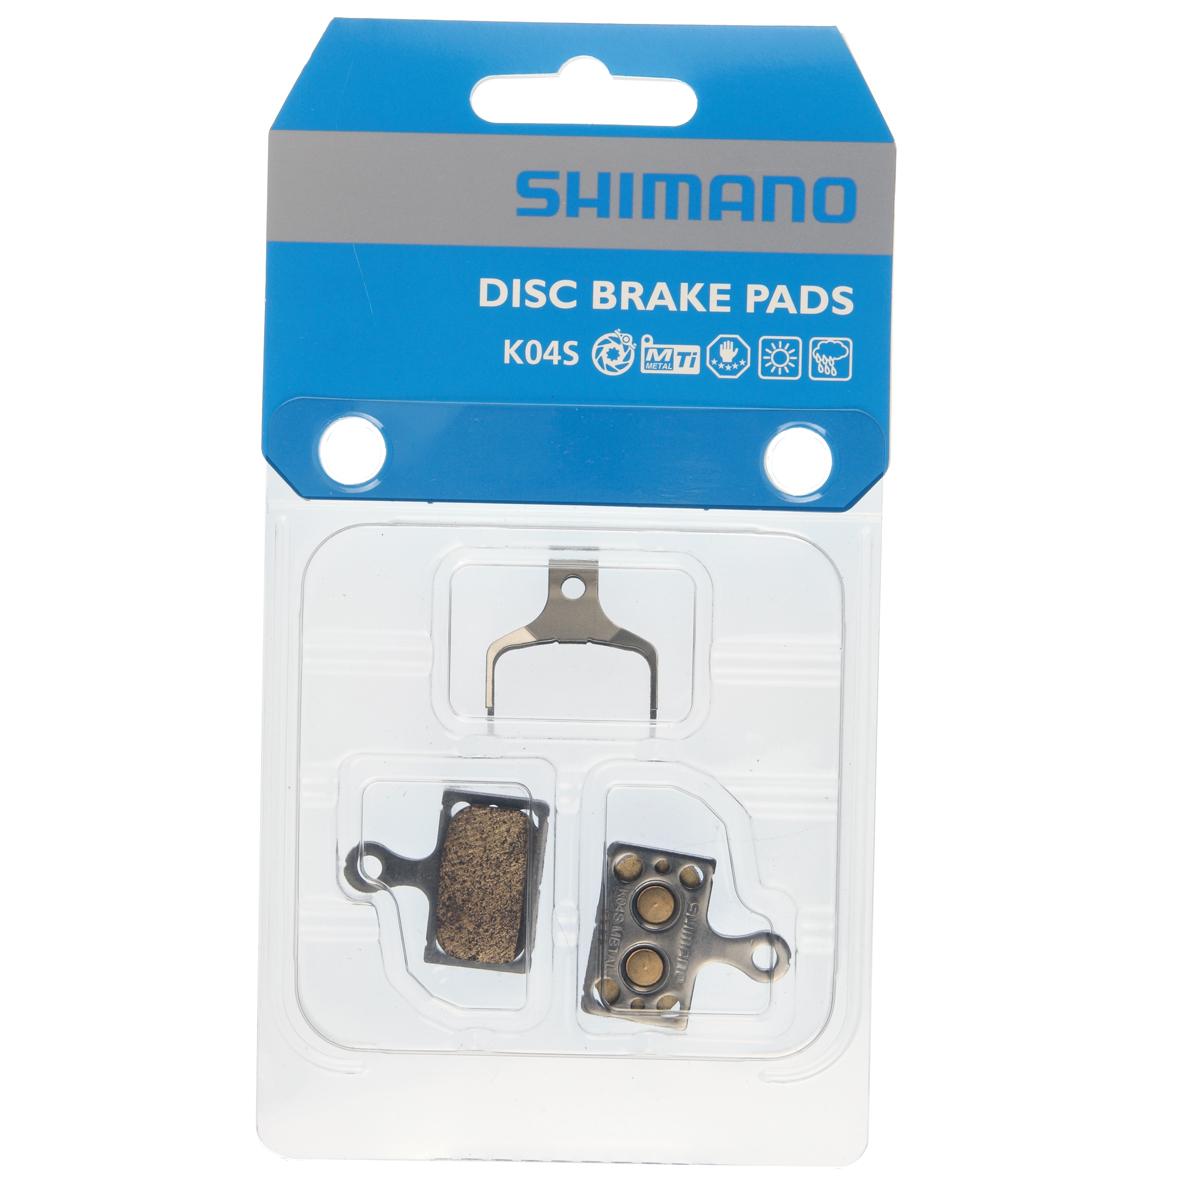 Bremseklods Shimano K04S Metal - Y8N398020 | Brake pads